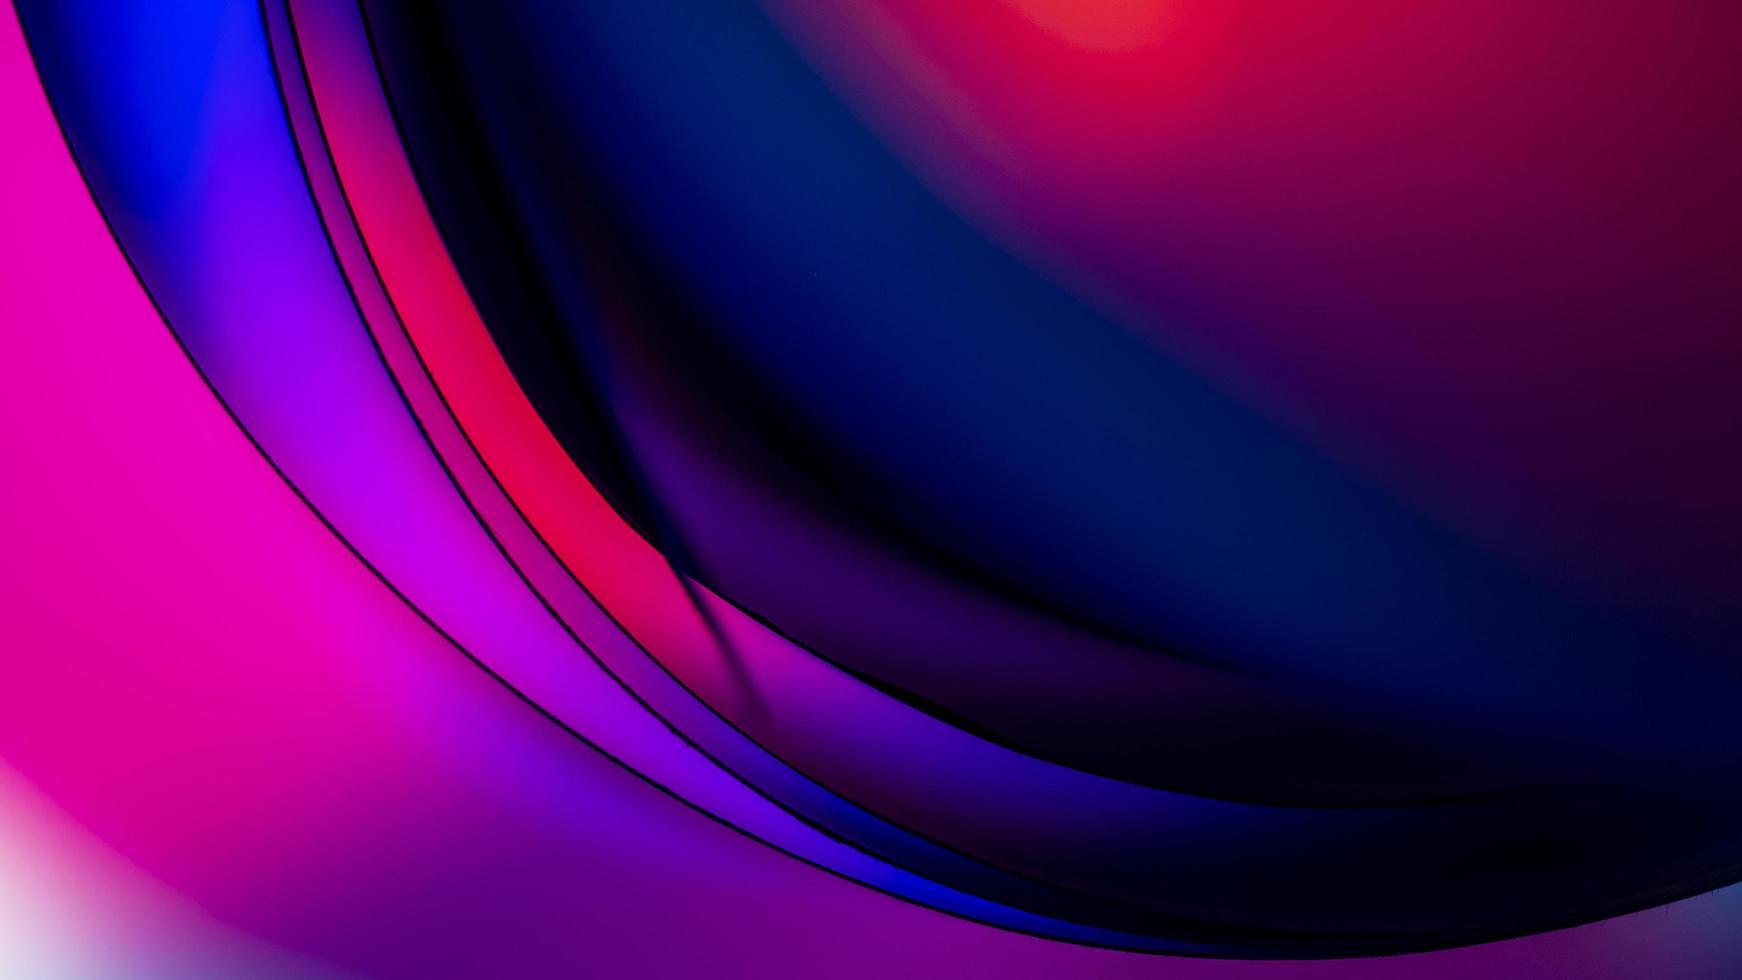 lila und blaues Licht digitale Tapete foto